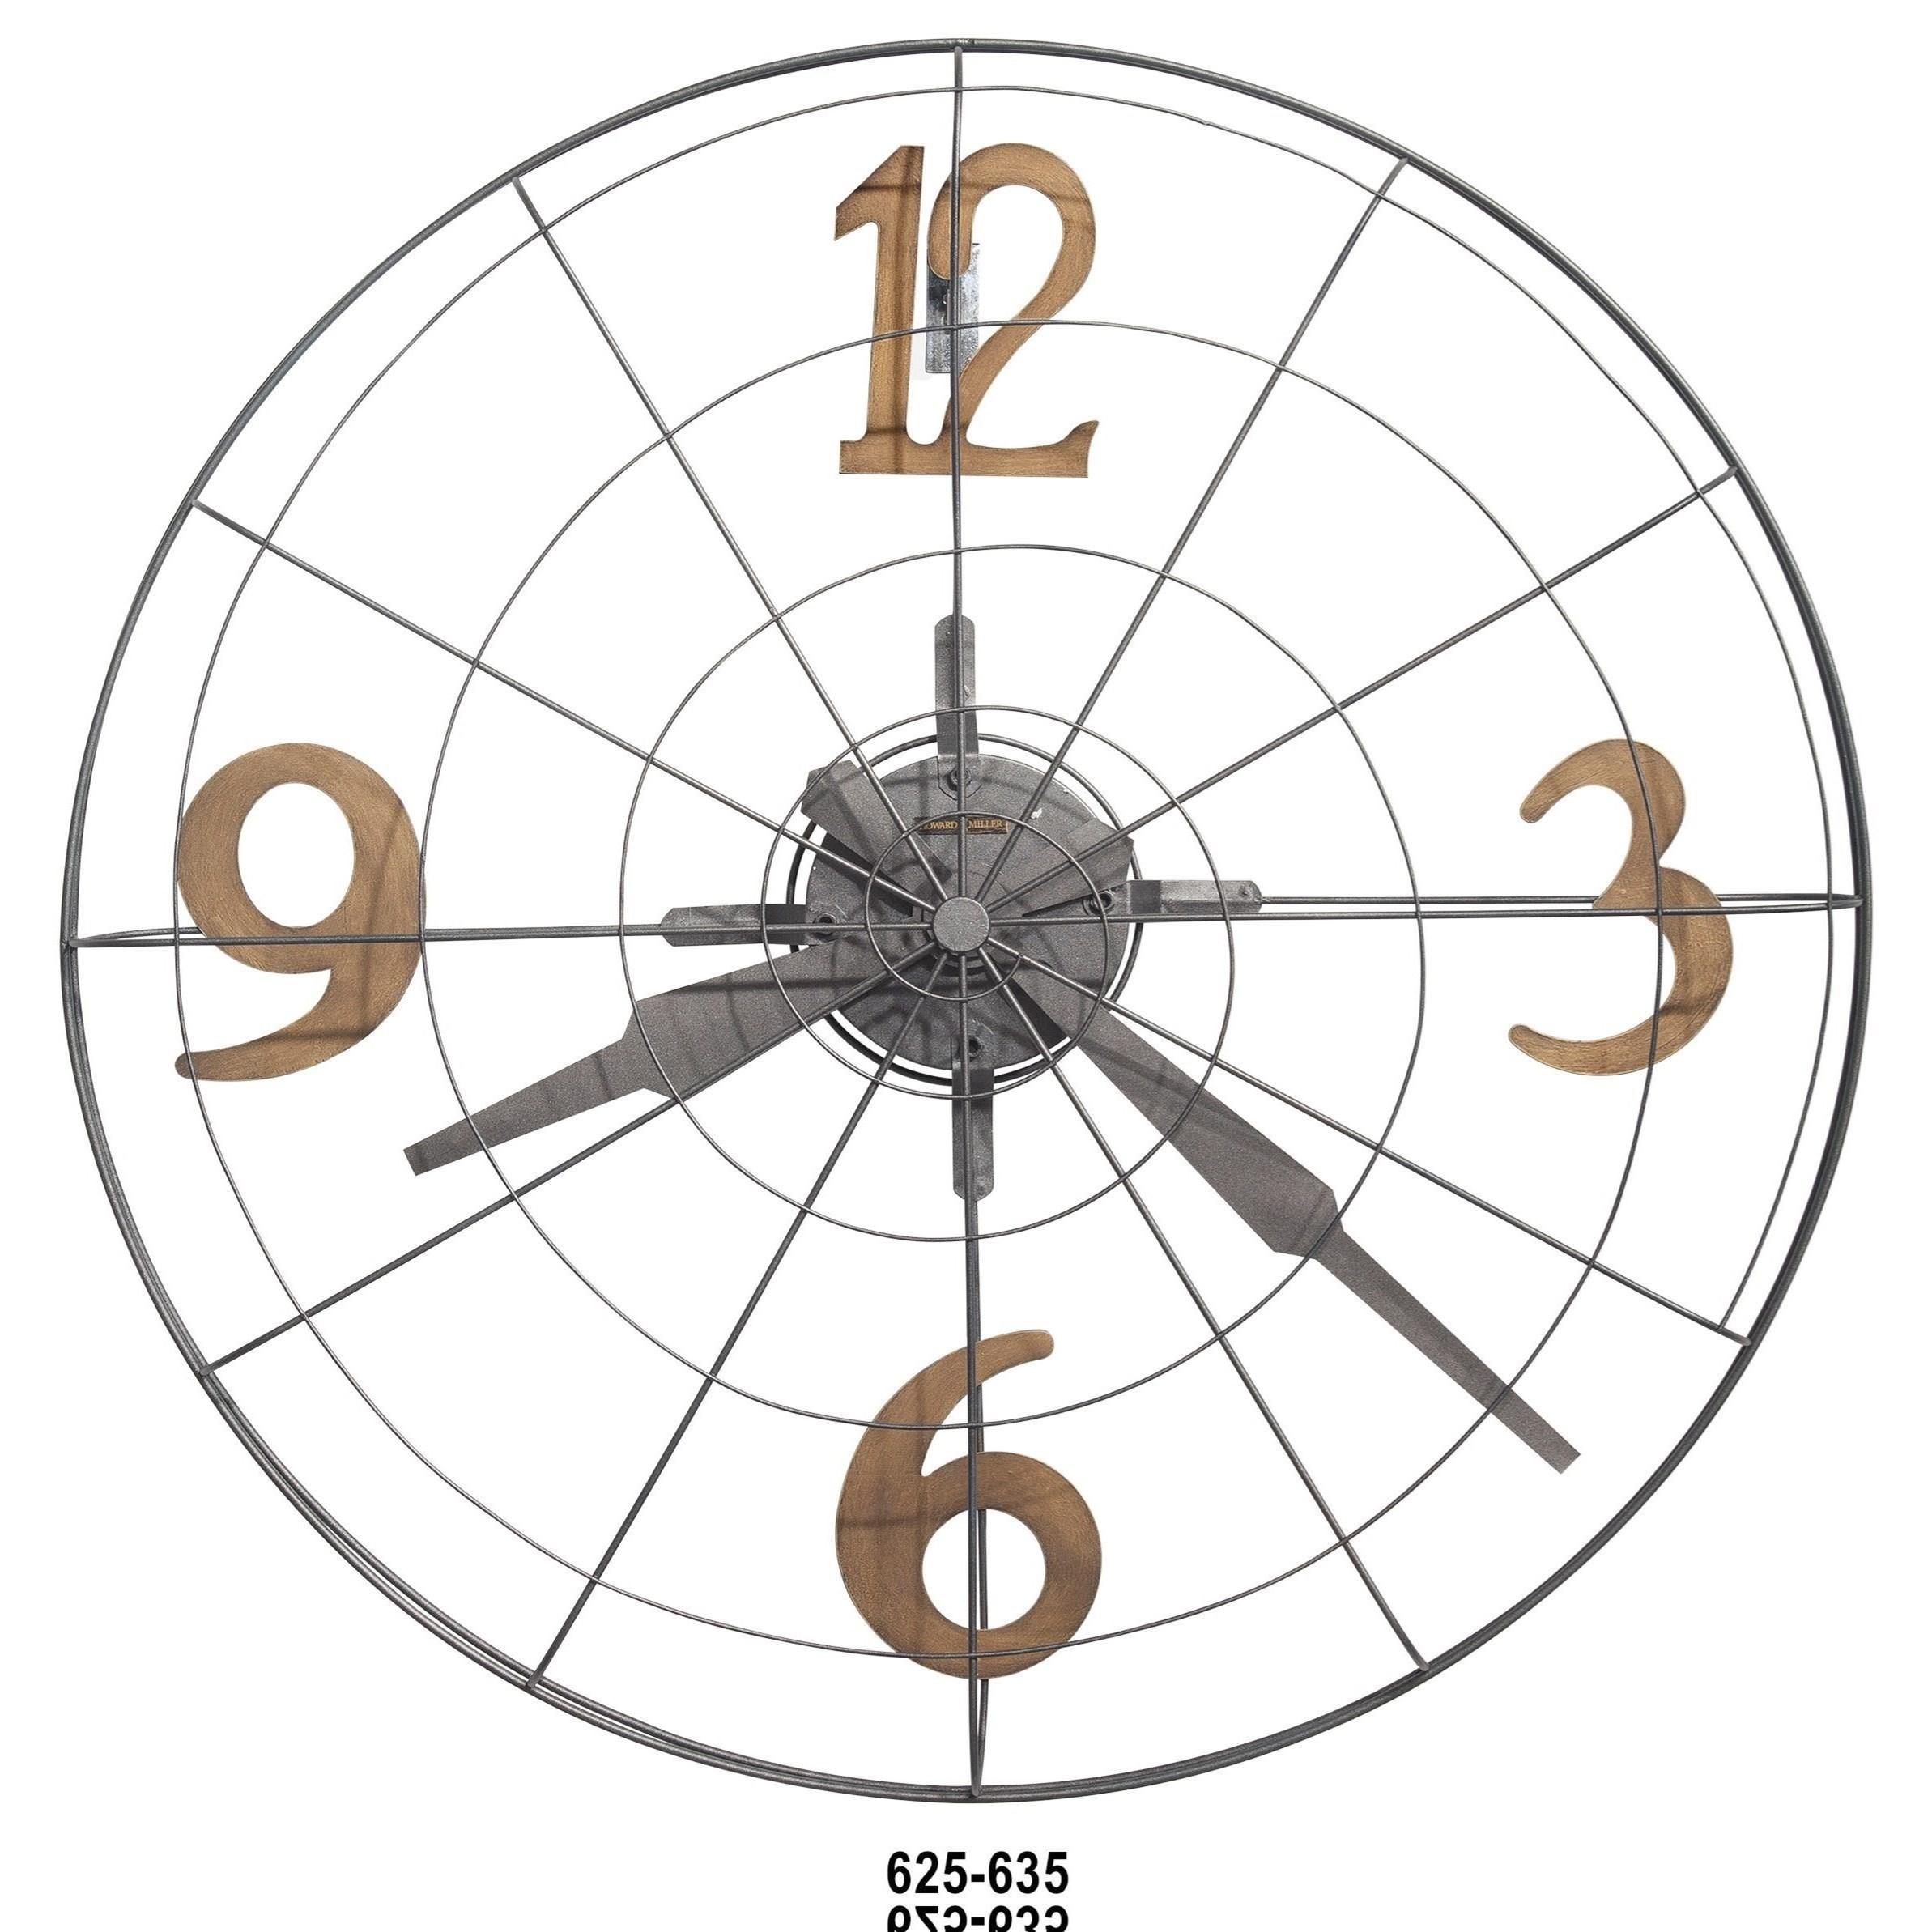 howard miller wall clocks phan wall clock - Howard Miller Wall Clock